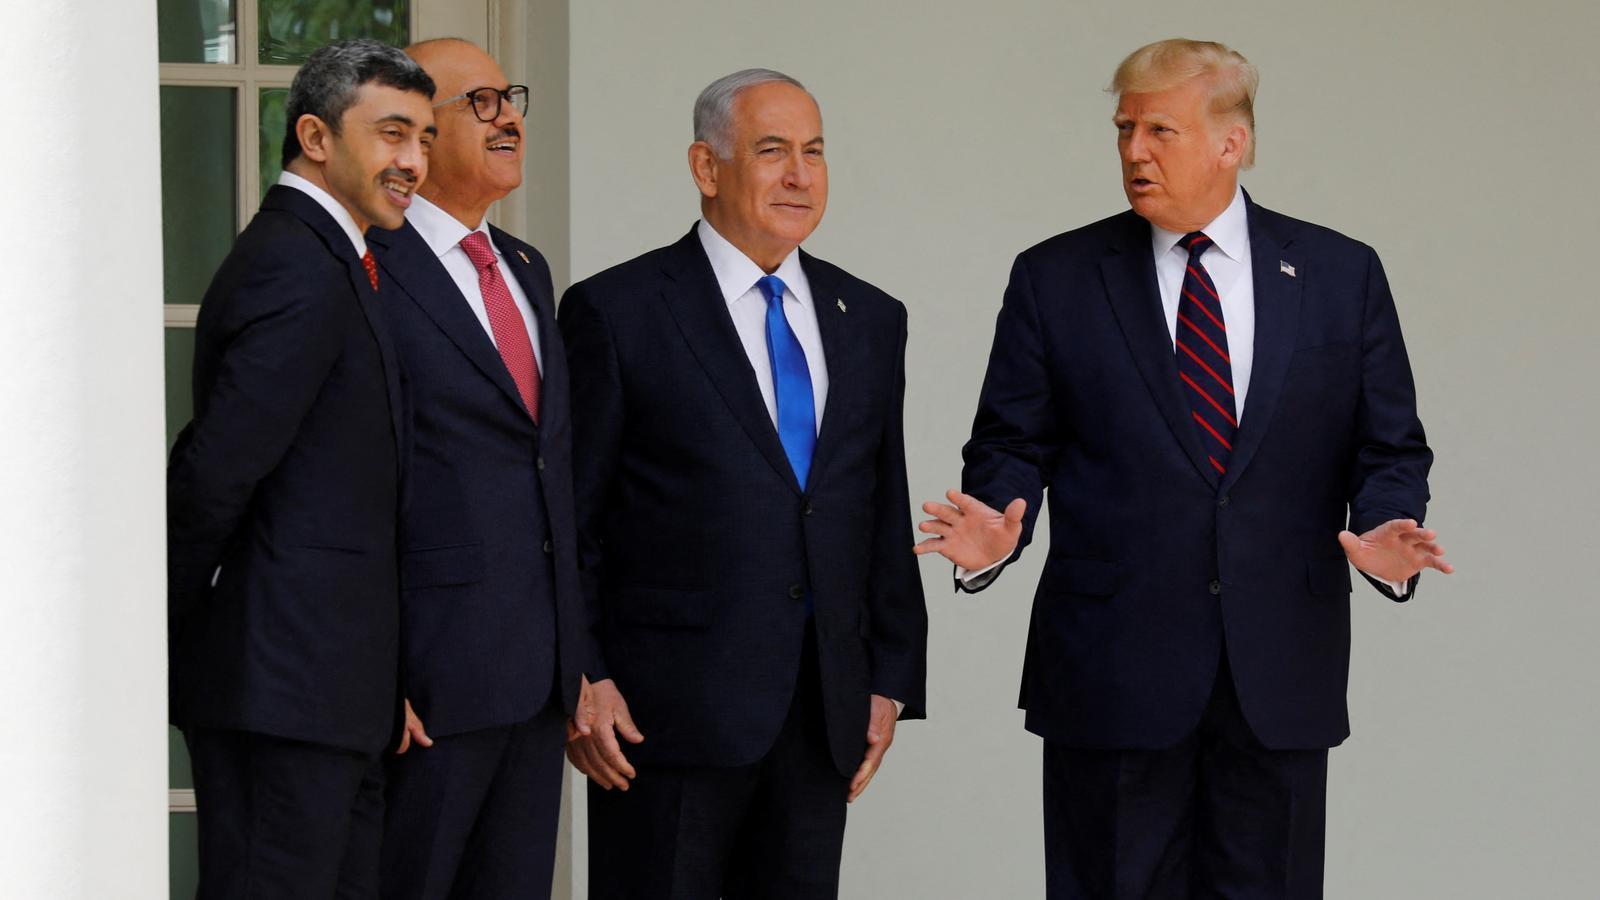 Netanyahu i Trump junts a la Casa Blanca en el viatge oficial del primer ministre israelià als EUA, aquest setembre